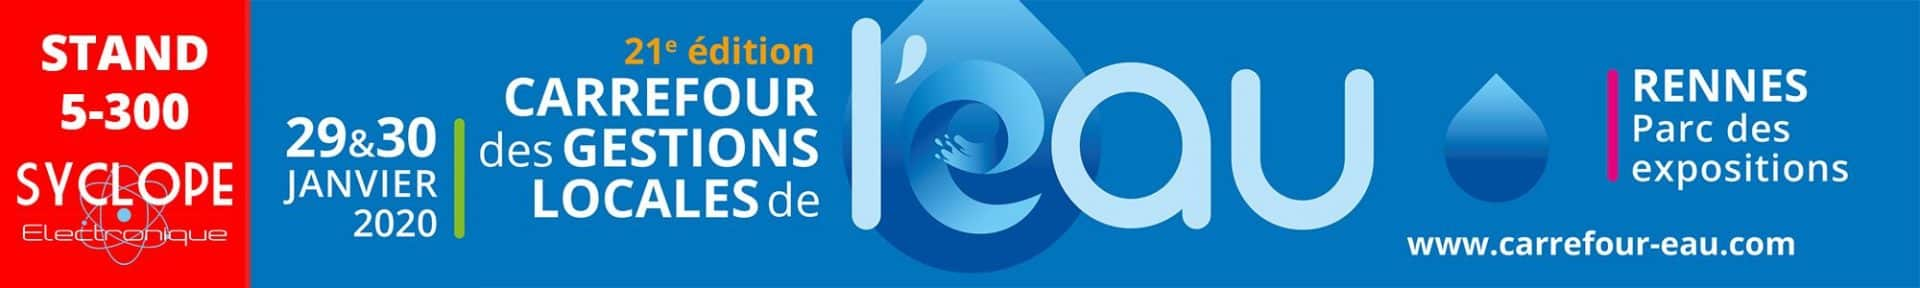 Salon Carrefour de l'eau 2020 - stand SYCLOPE 5-300